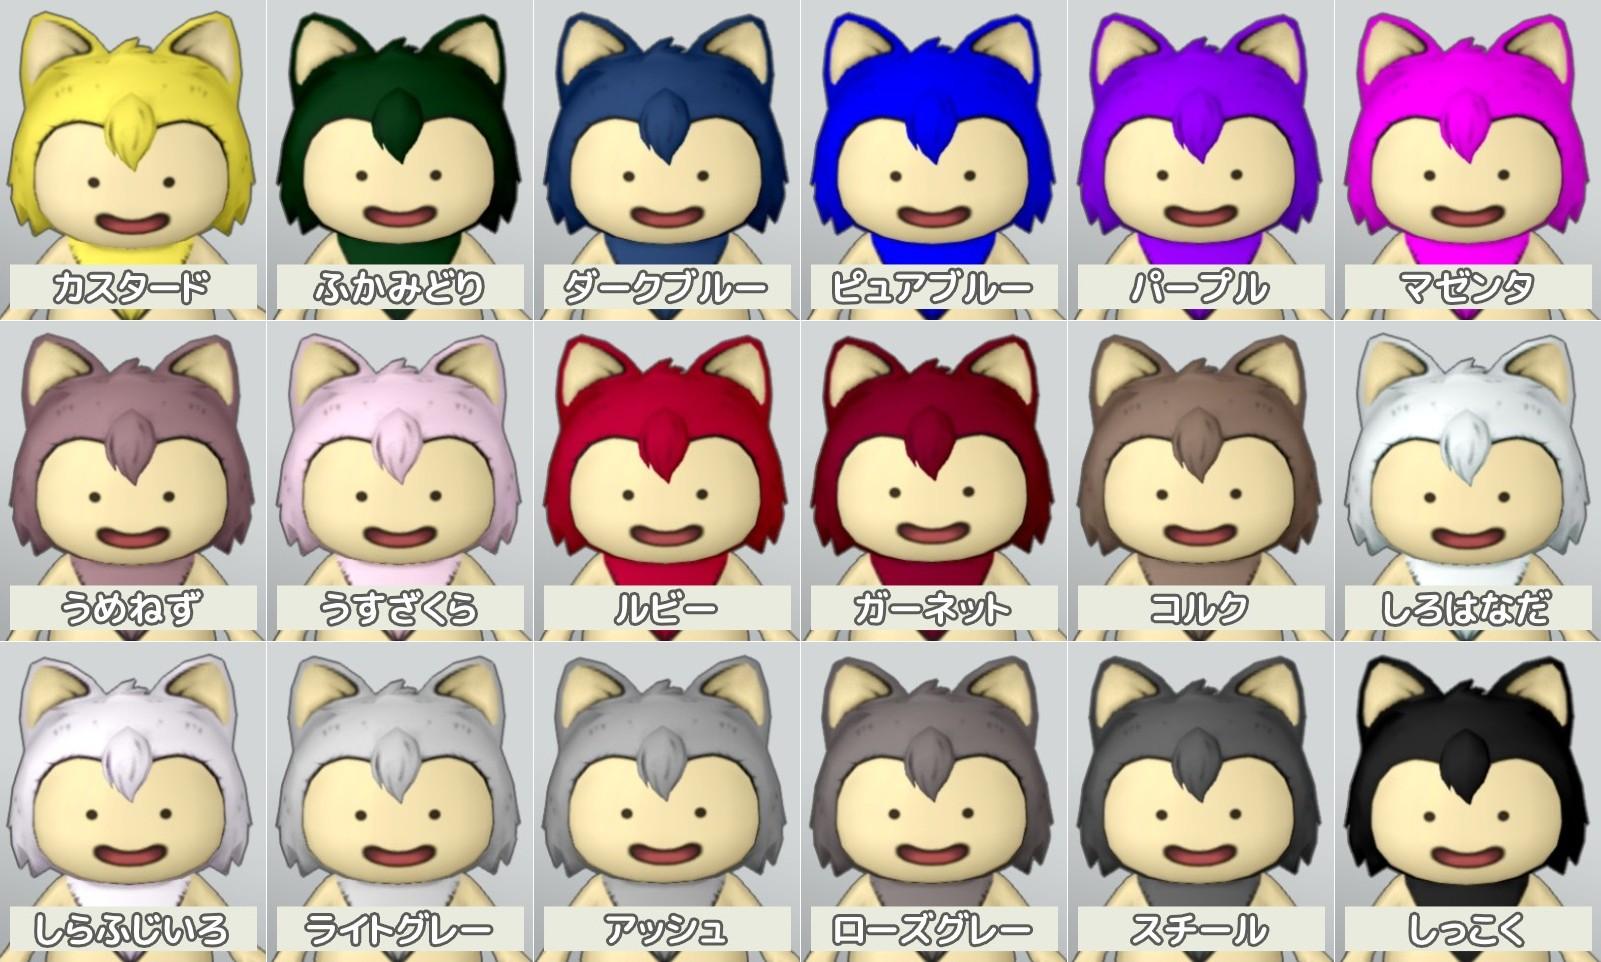 DQX ver5.3 追加の髪色(カスタード、ふかみどり、ダークブルー、ピュアブルー、パープル、マゼンタ、 うめねず、うすざくら、ルビー、ガーネット、コルク、しろはなだ、 しらふじいろ、ライトグレー、アッシュ、ローズグレー、スチール、しっこく )